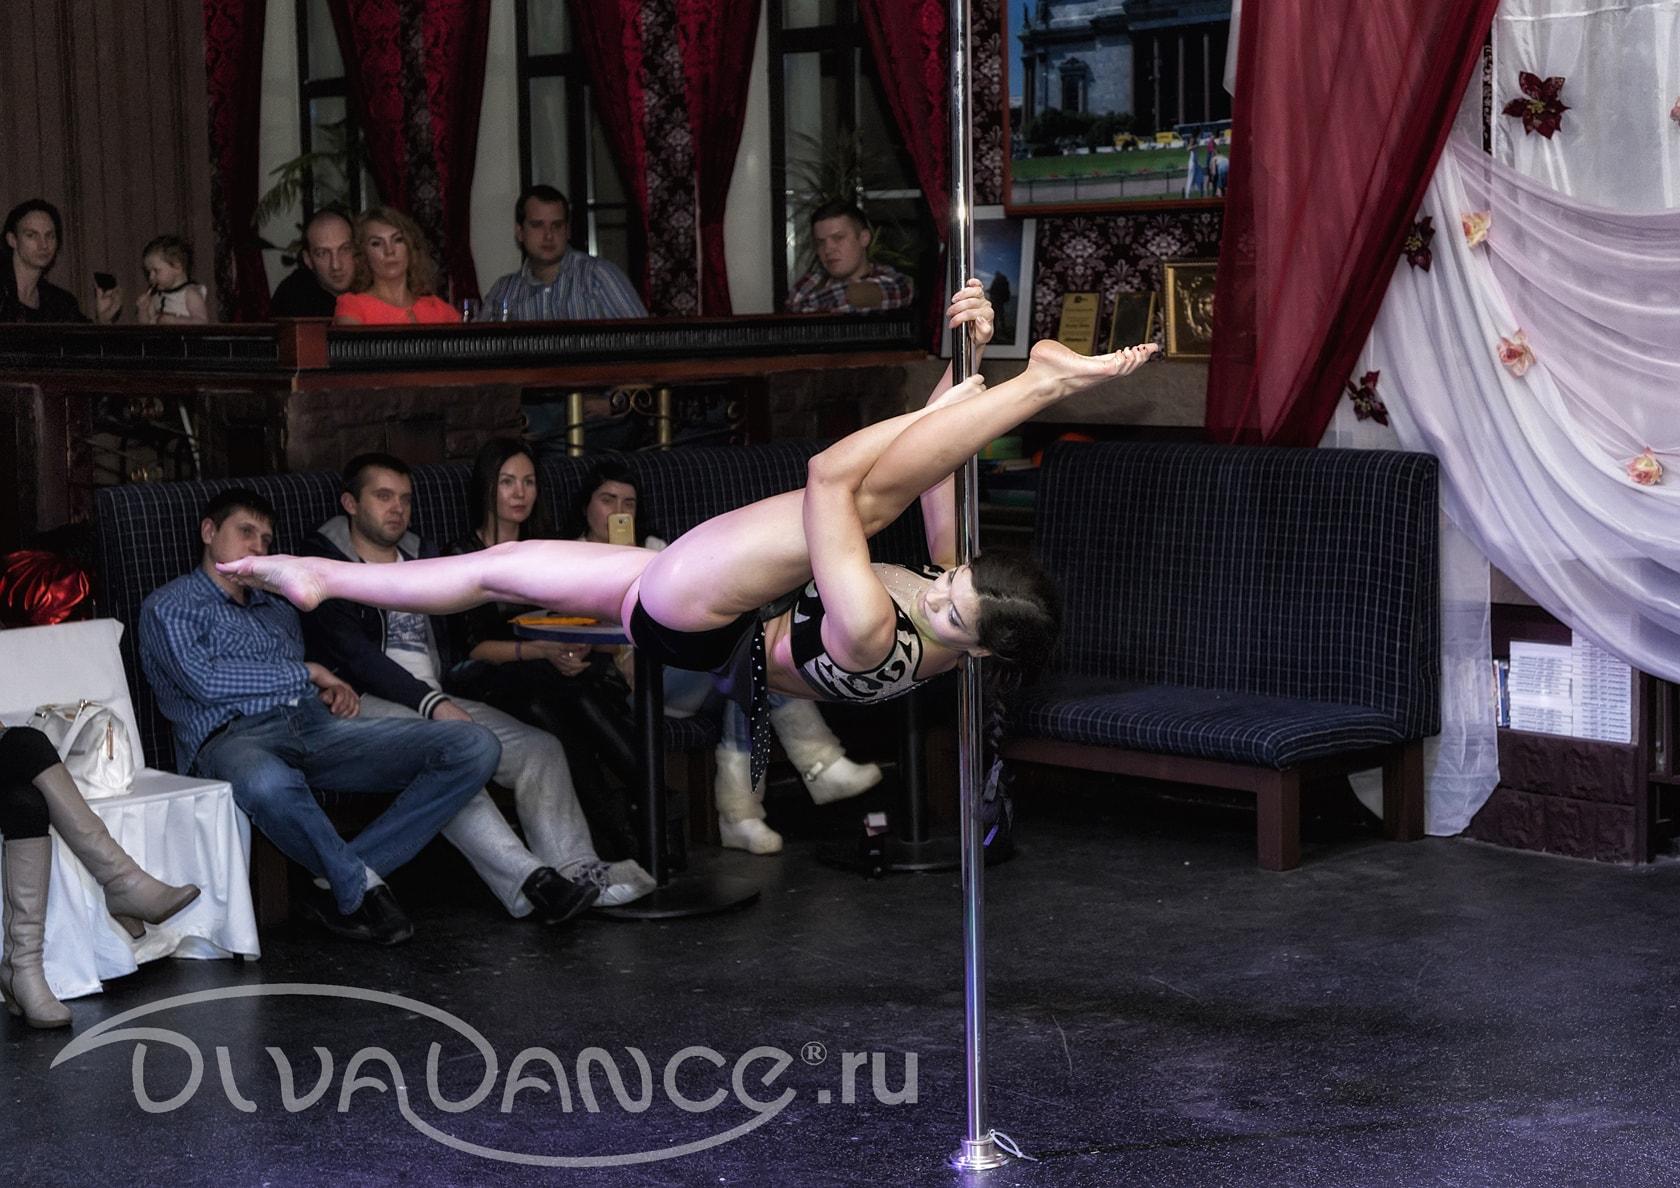 Смотреть онлайн танец стриптиз 10 фотография